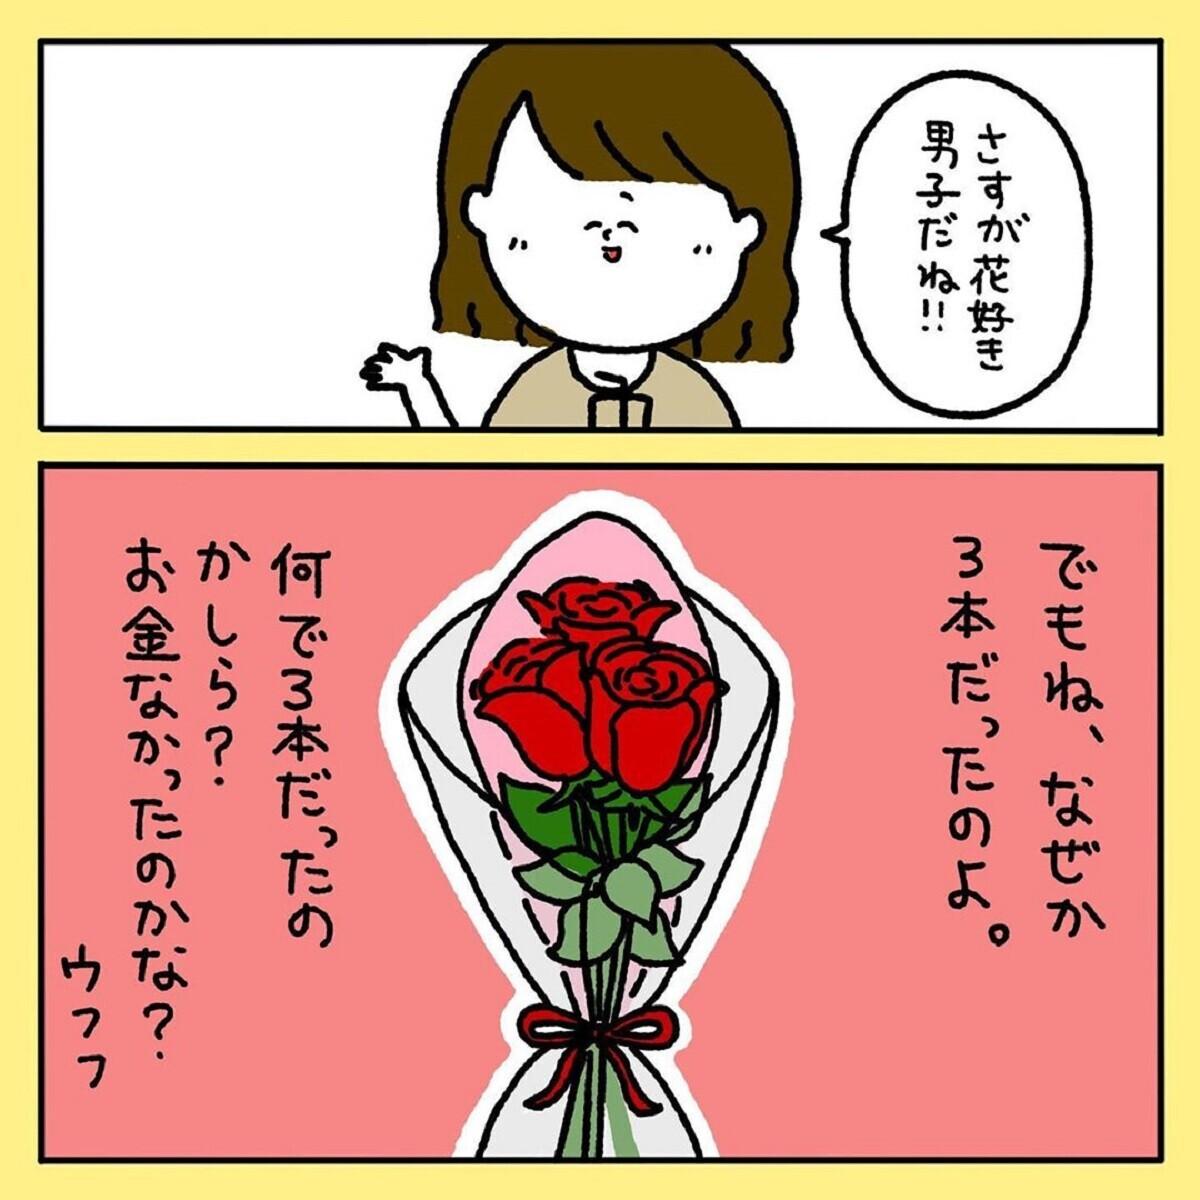 でもね、なぜか父からのプレゼントは3本だけの赤いバラ。お金なかったのかな?